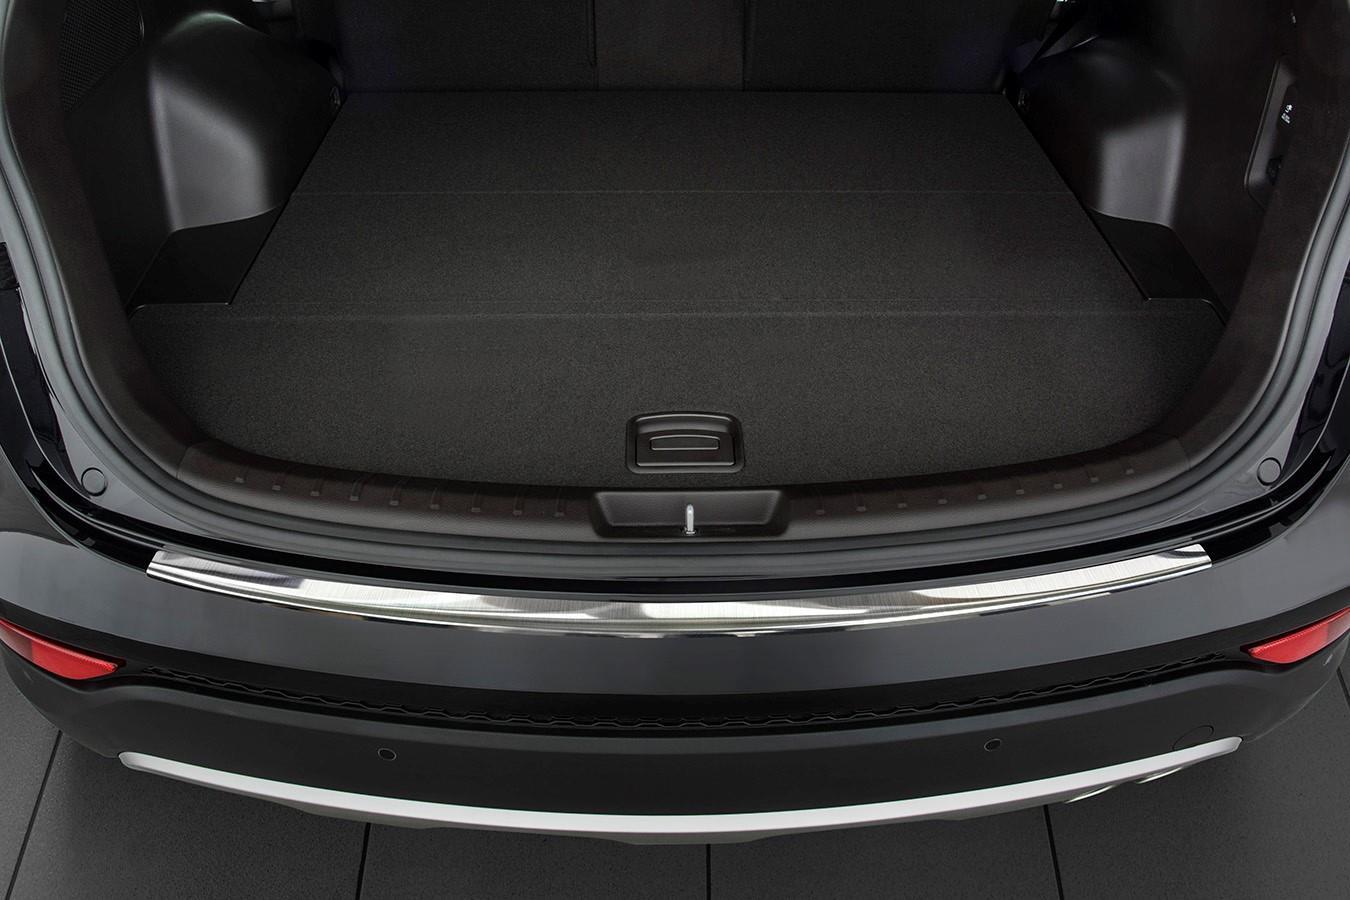 hyundai santa fe dm seuil de coffre v2a car parts expert. Black Bedroom Furniture Sets. Home Design Ideas